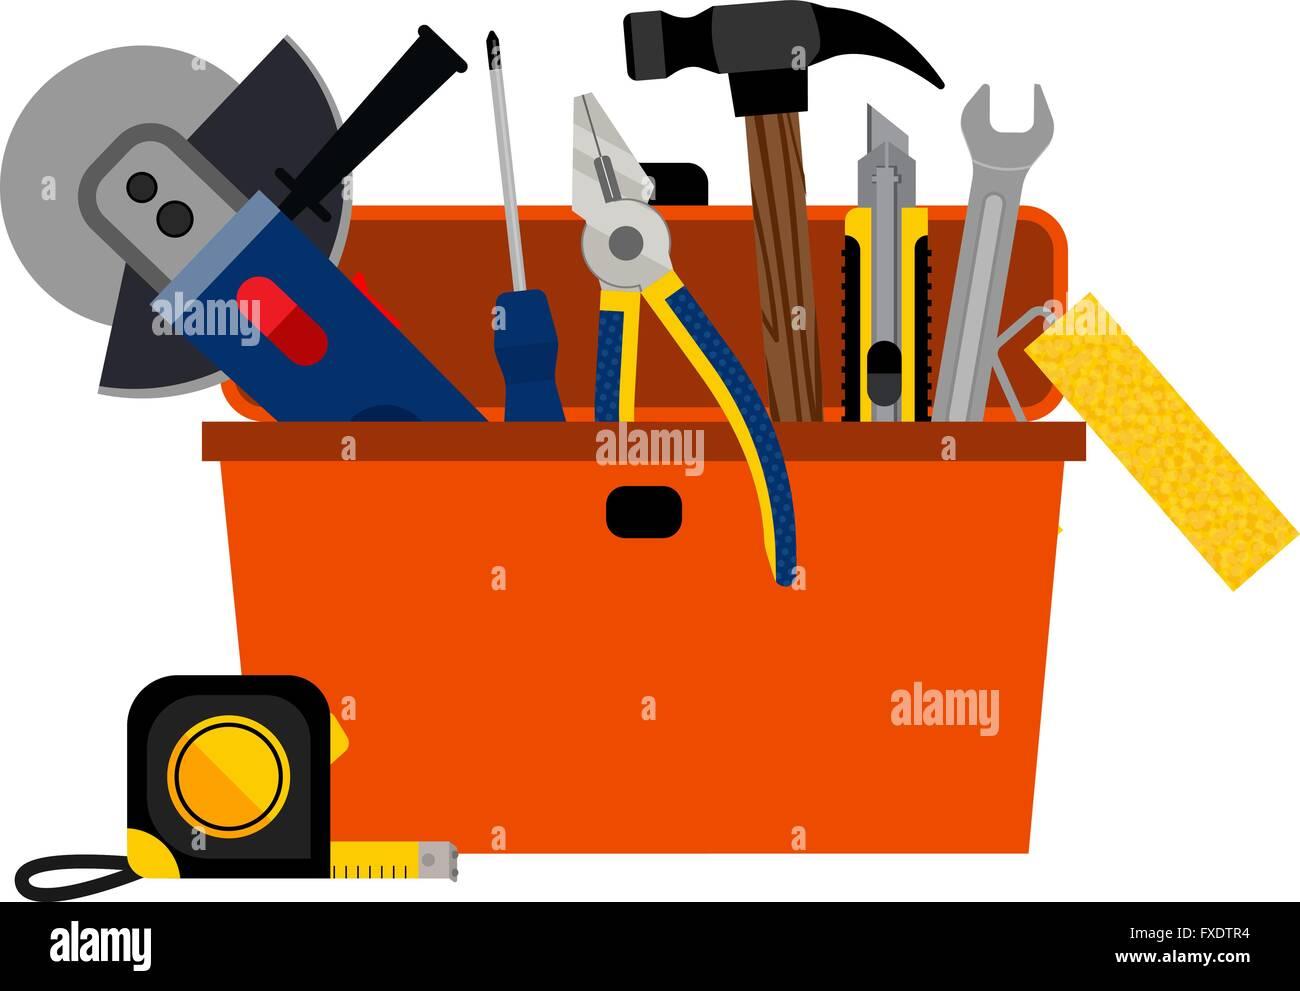 Toolbox for DIY house repair - Stock Vector